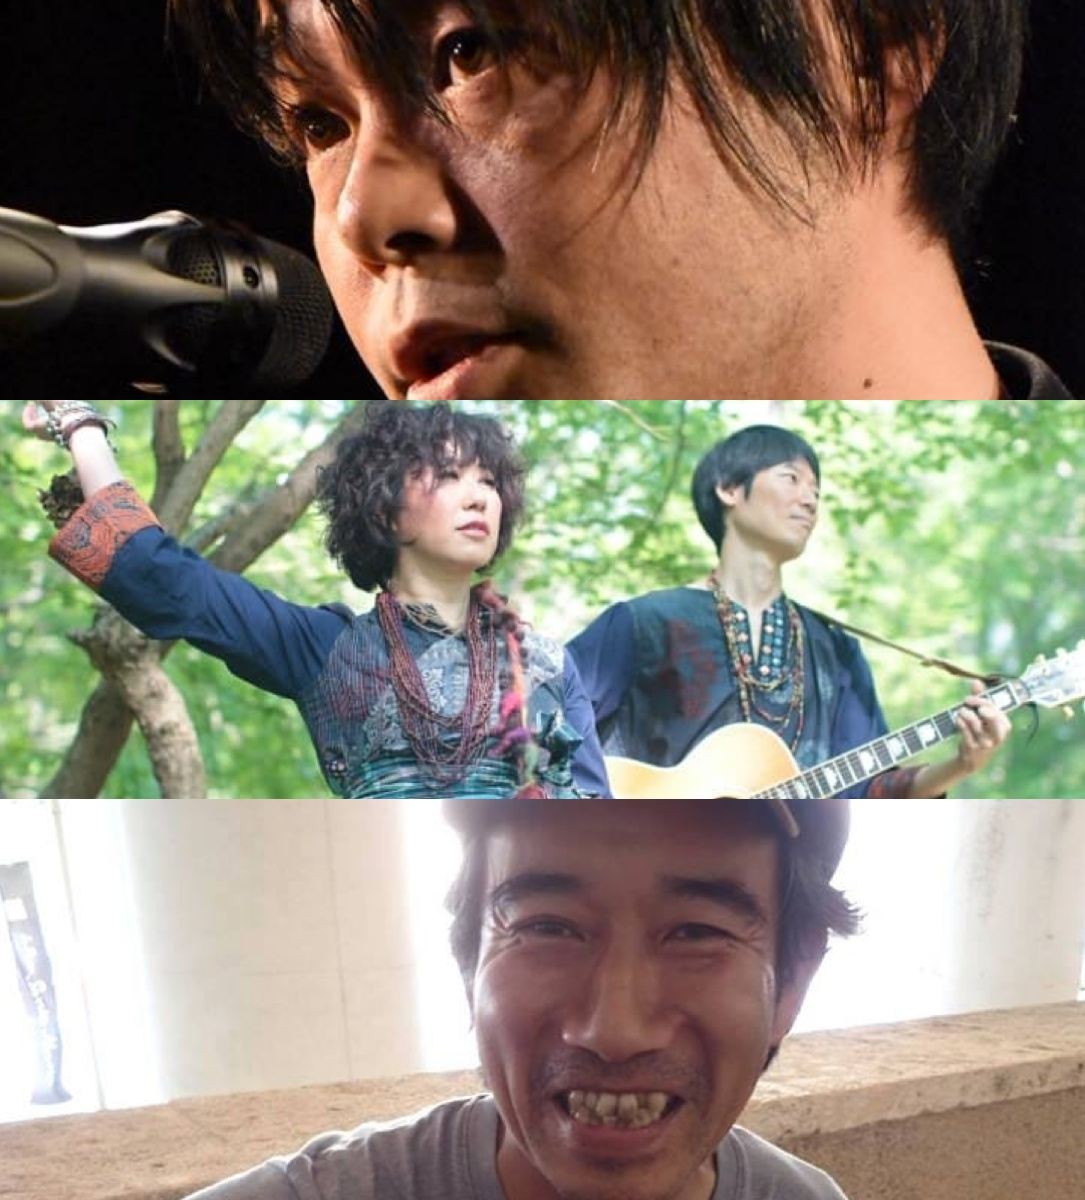 『酔いどれ詩人になるまえに』出演:アベヒロシ / 中馬すすむ / 青花+哲史